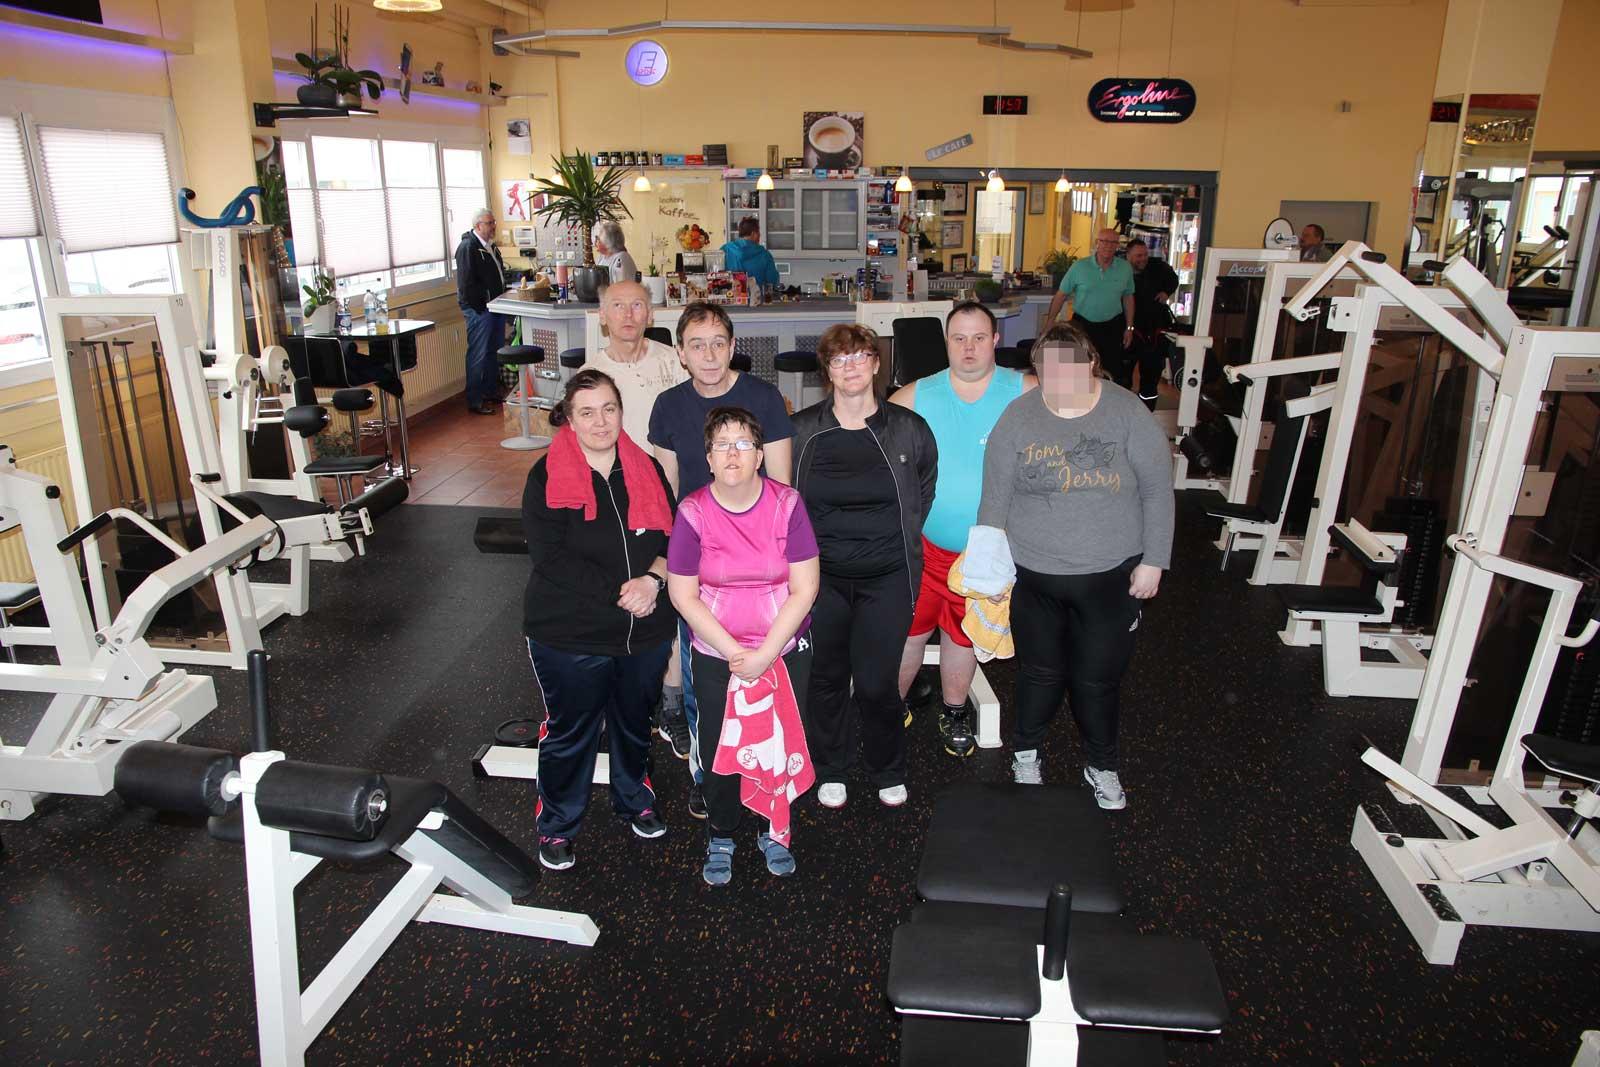 Gemeinsam Sporteln im Fitnesstraining ist gut für Körper und Geist. Einmal wöchentlich geht Gruppenleiter Jansky mit seiner Sportgruppen in die Muckibude.